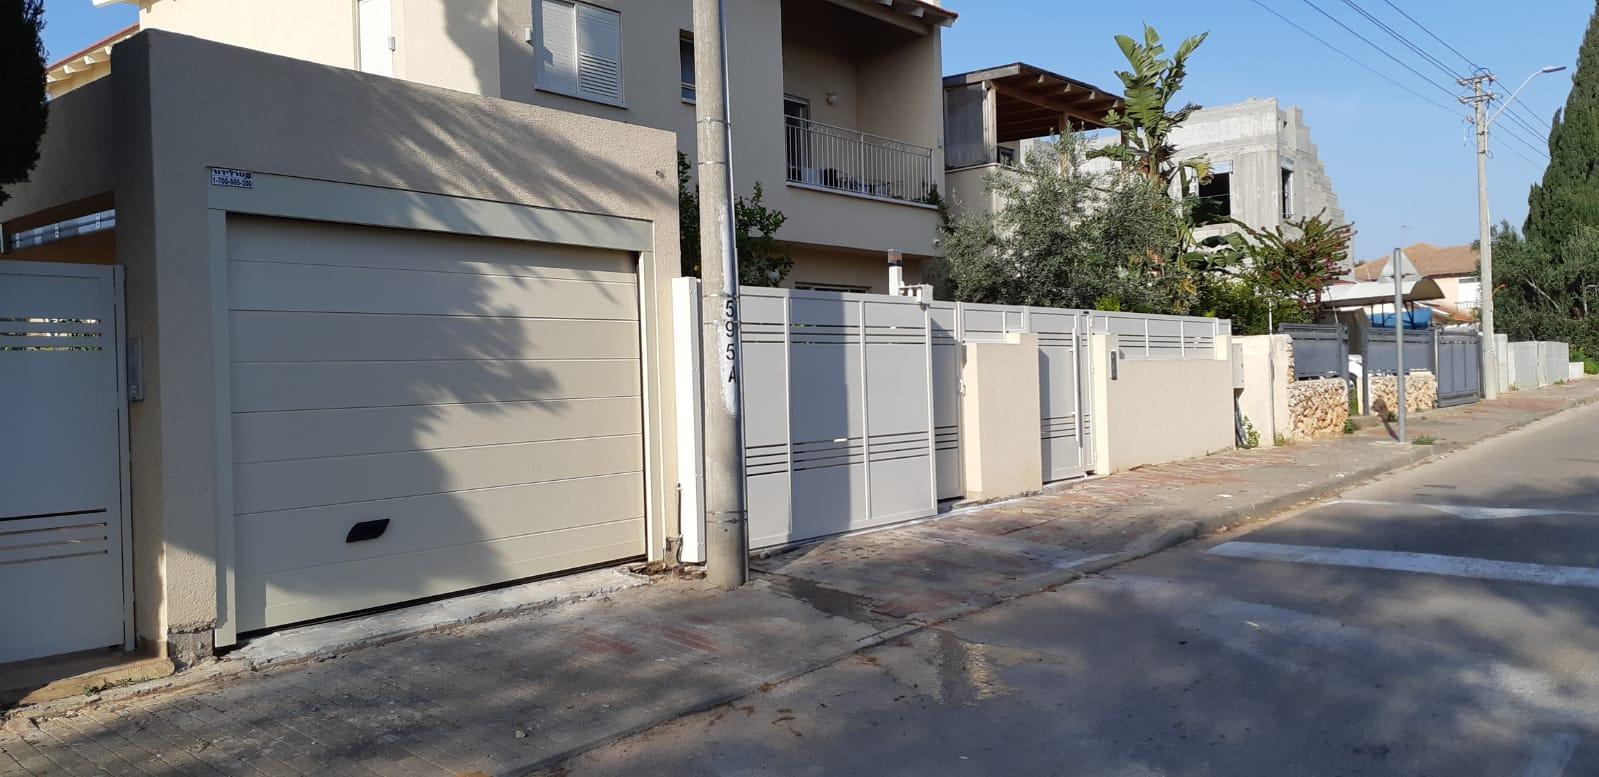 גדר אטומה בצבע לבן